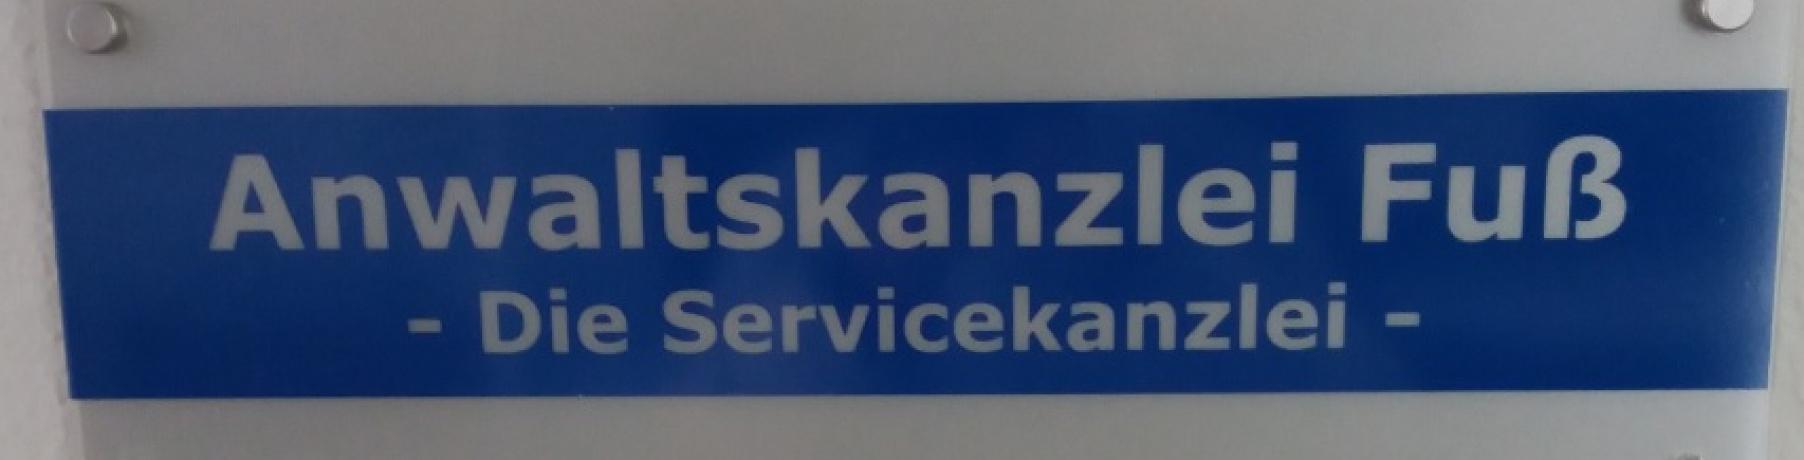 Anwaltskanzlei Fuß - Die Servicekanzlei - Kanzlei für Arbeitsrecht und Vertragsrecht in Stuttgart